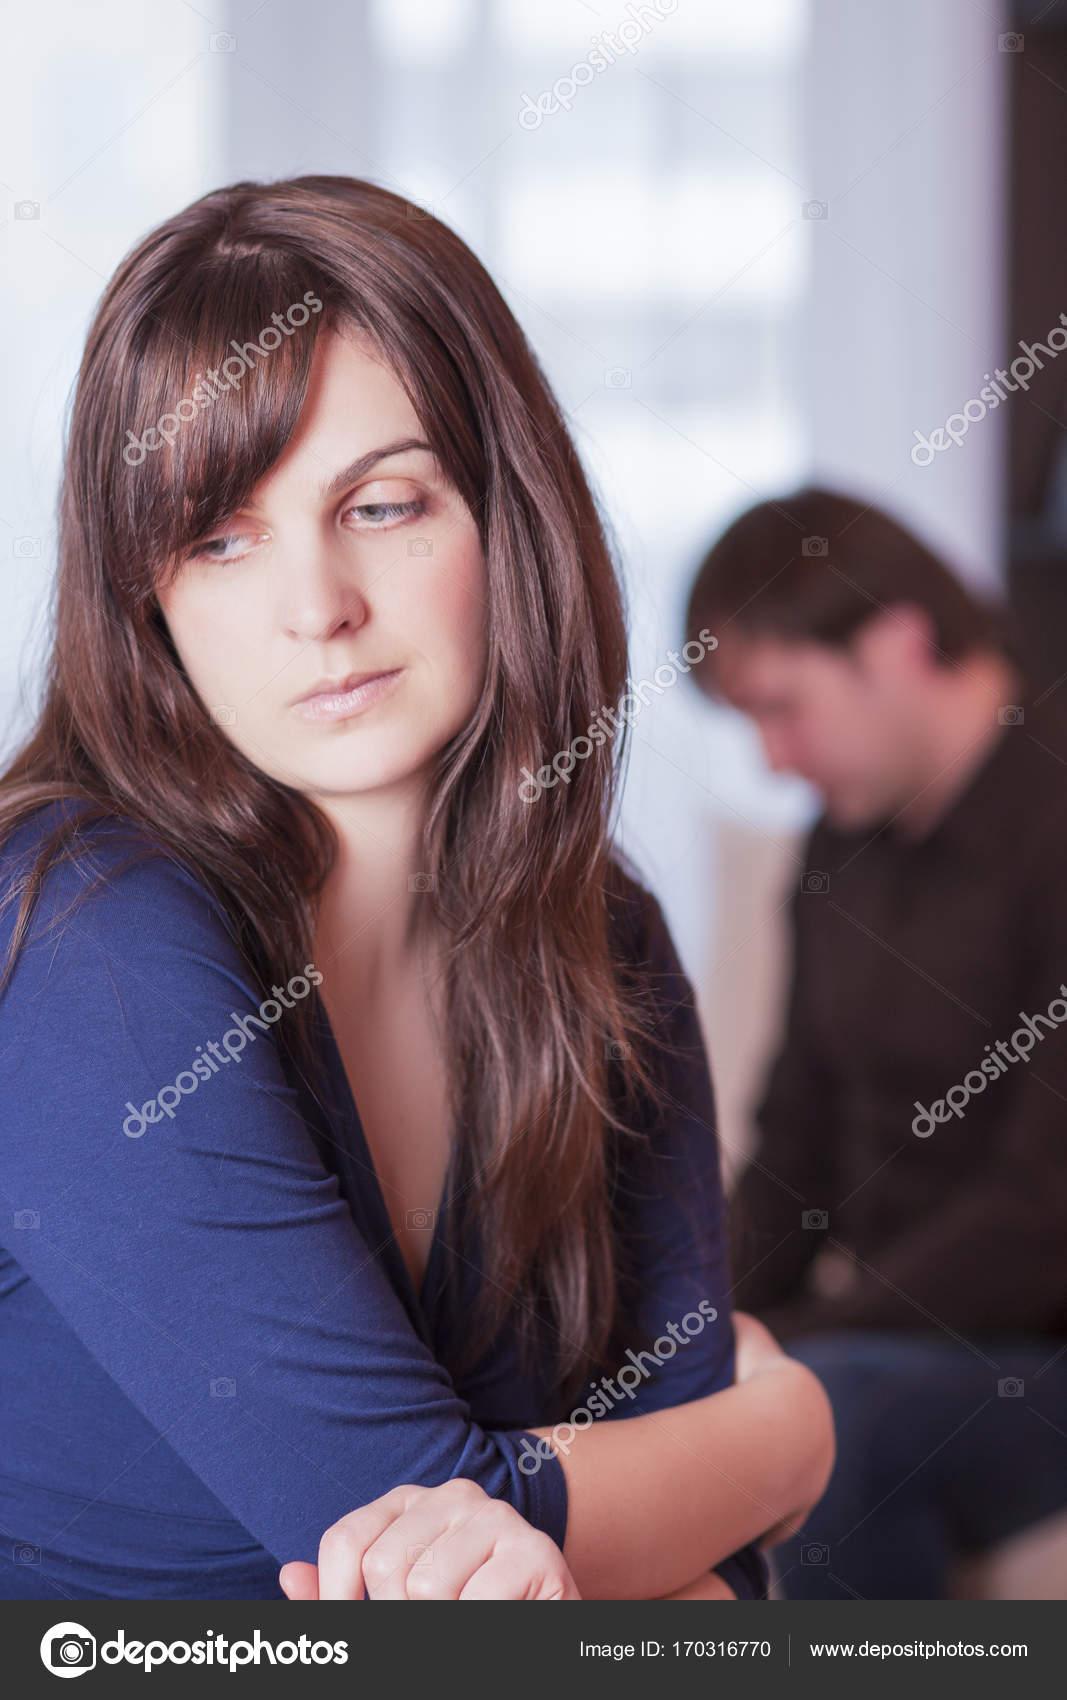 vero dating confessione